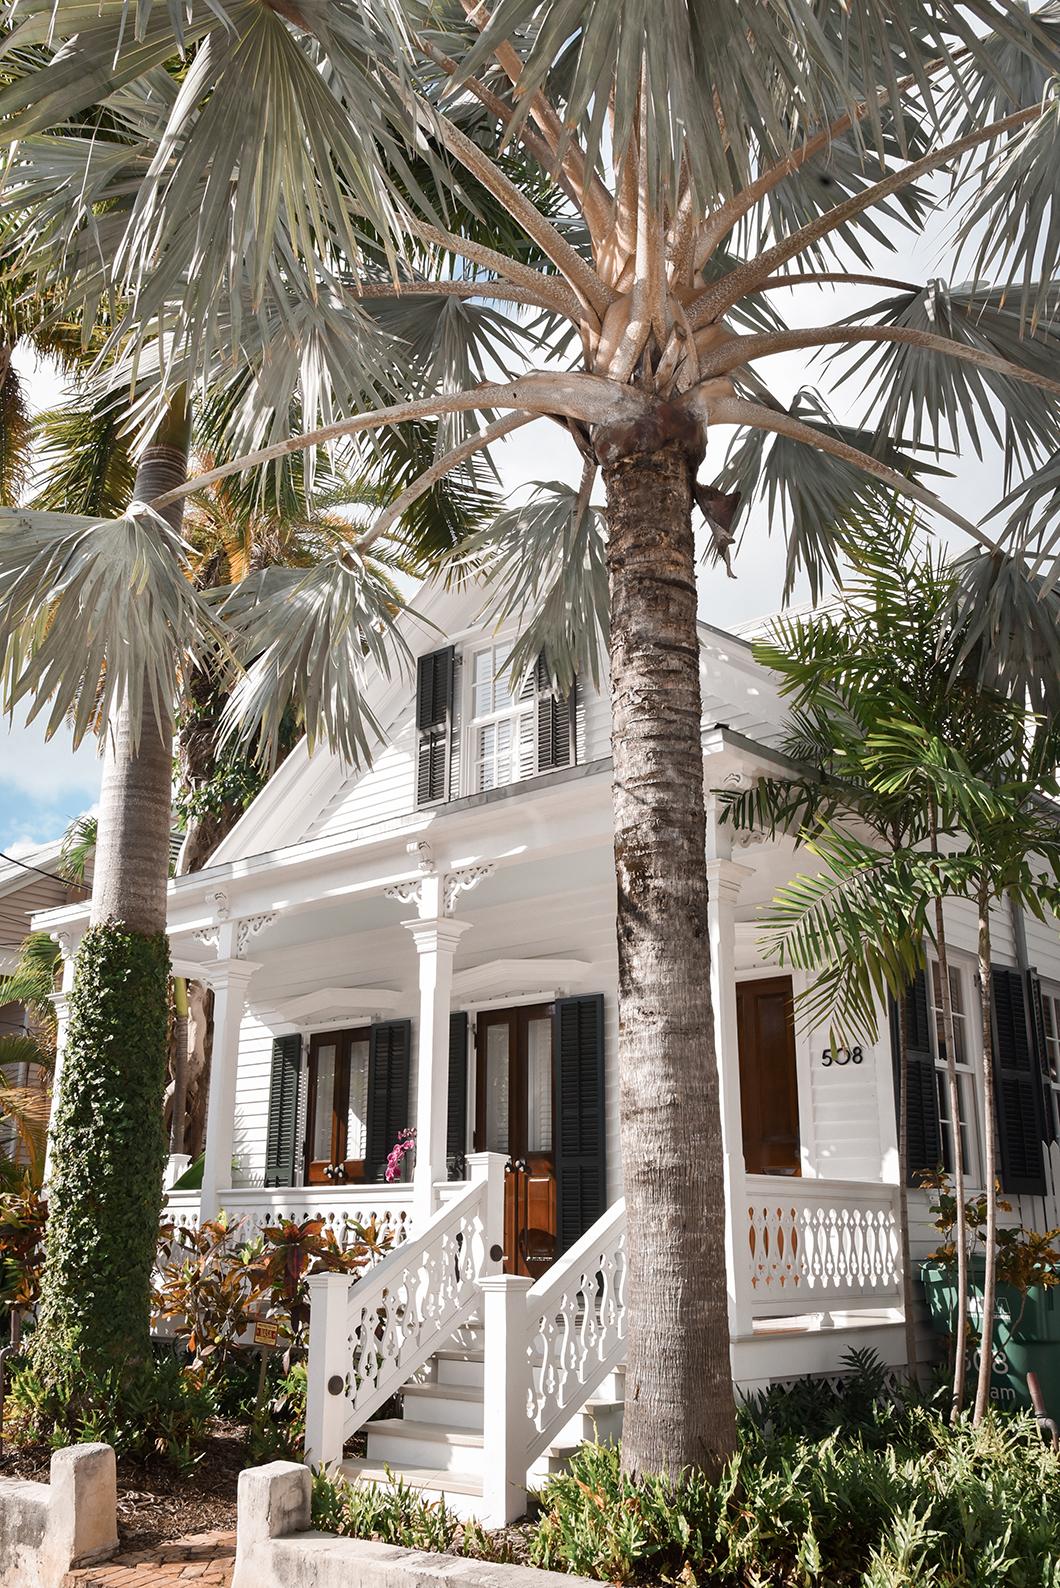 Les conch houses, 2 jours dans les Keys